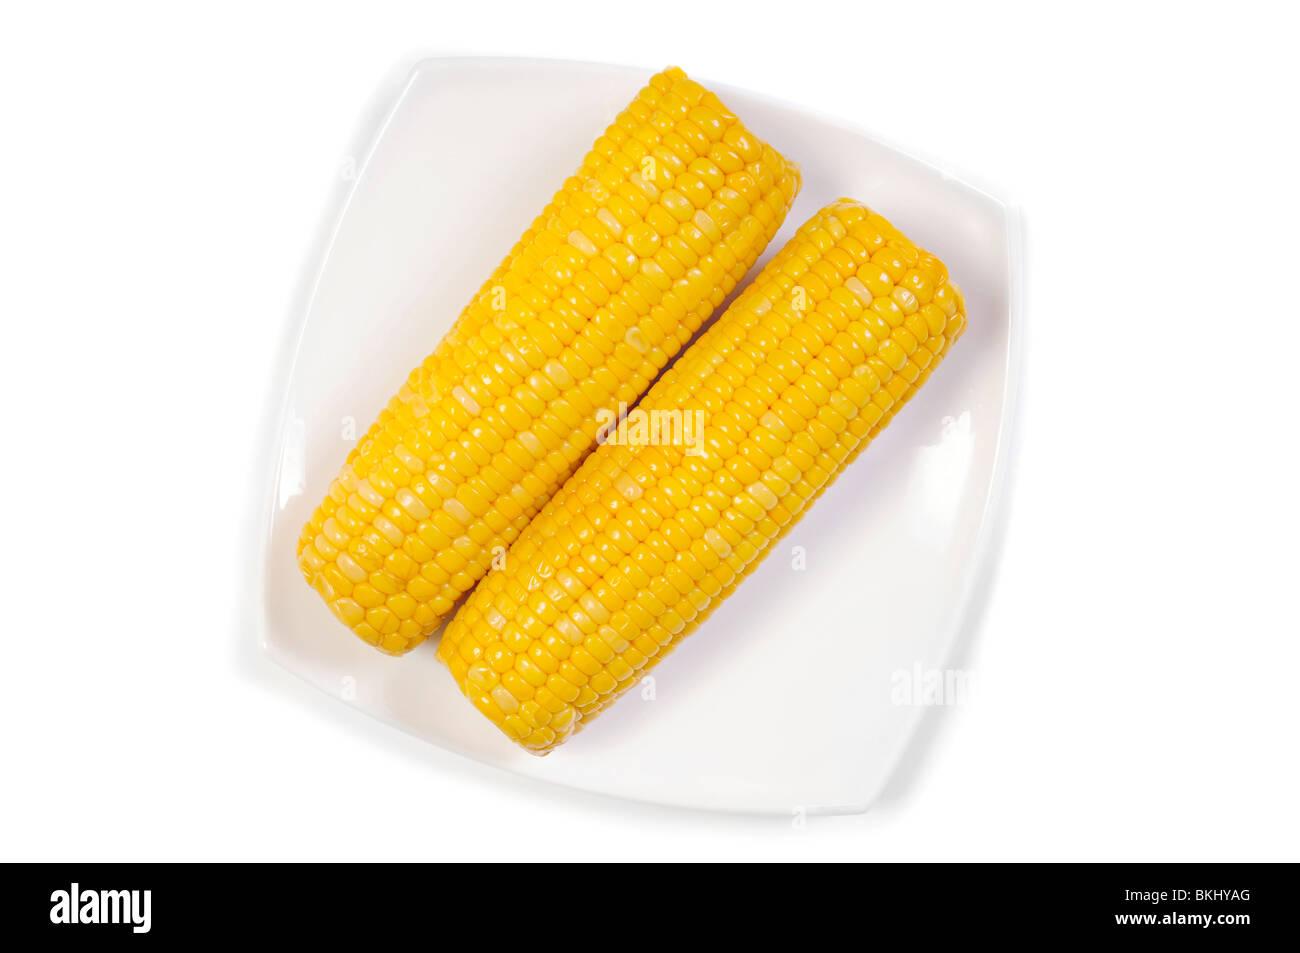 Épis de maïs fraîchement cuites sur lave isolated over white Photo Stock